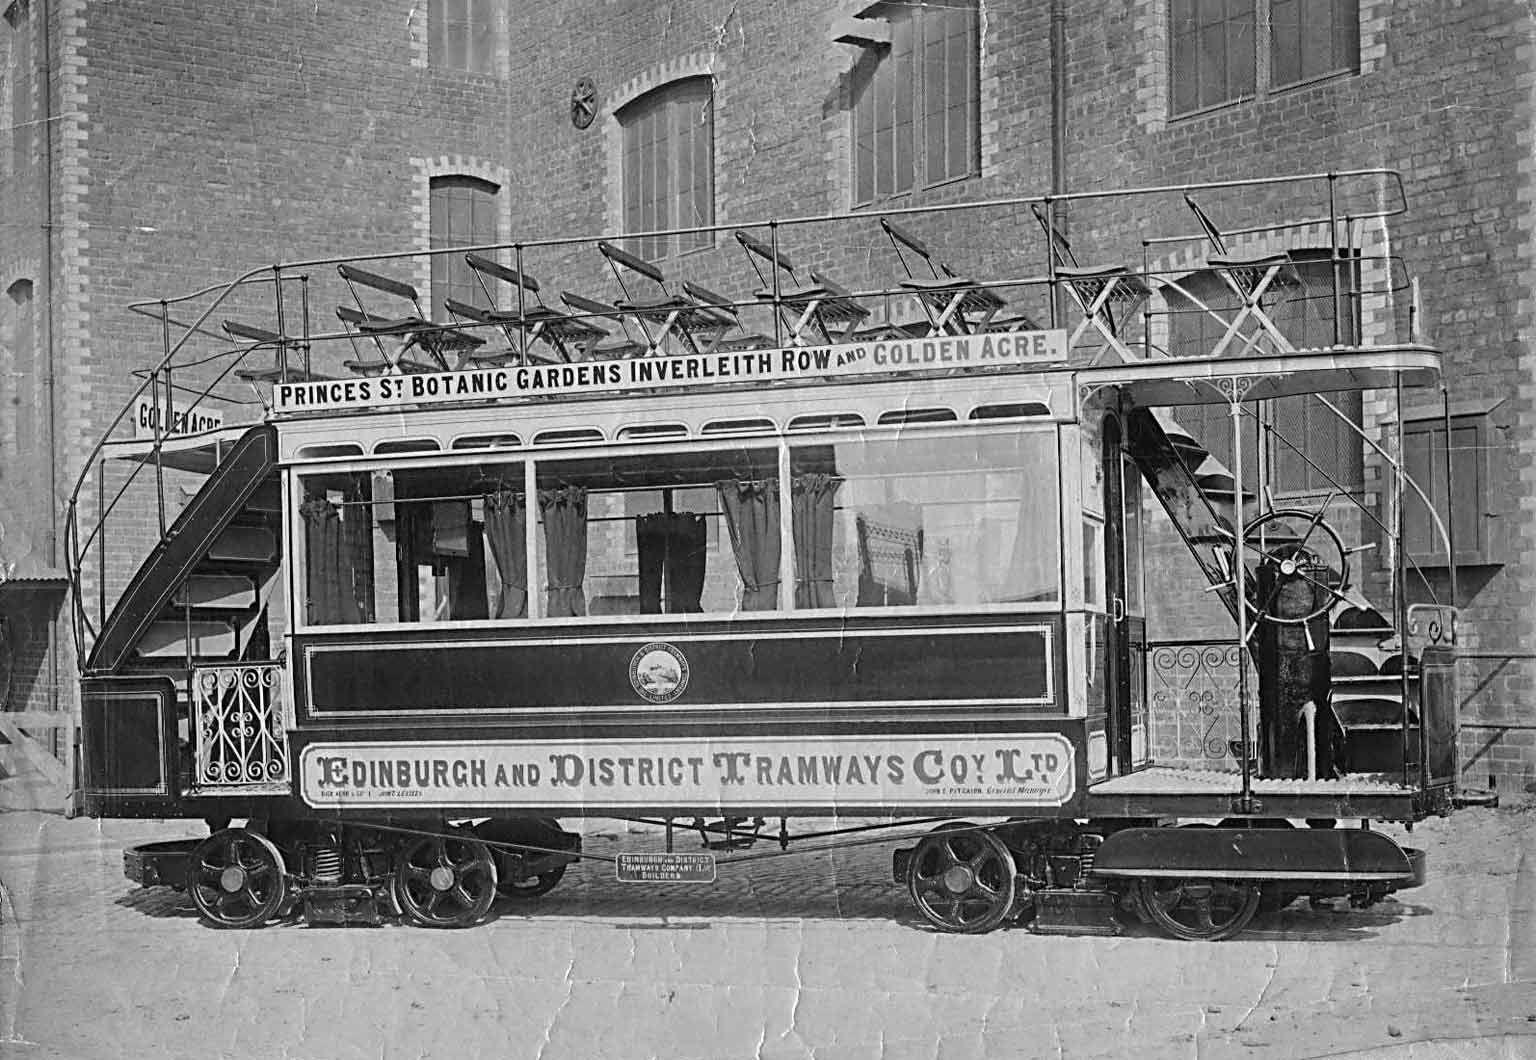 The First Tram Car In Edinburgh